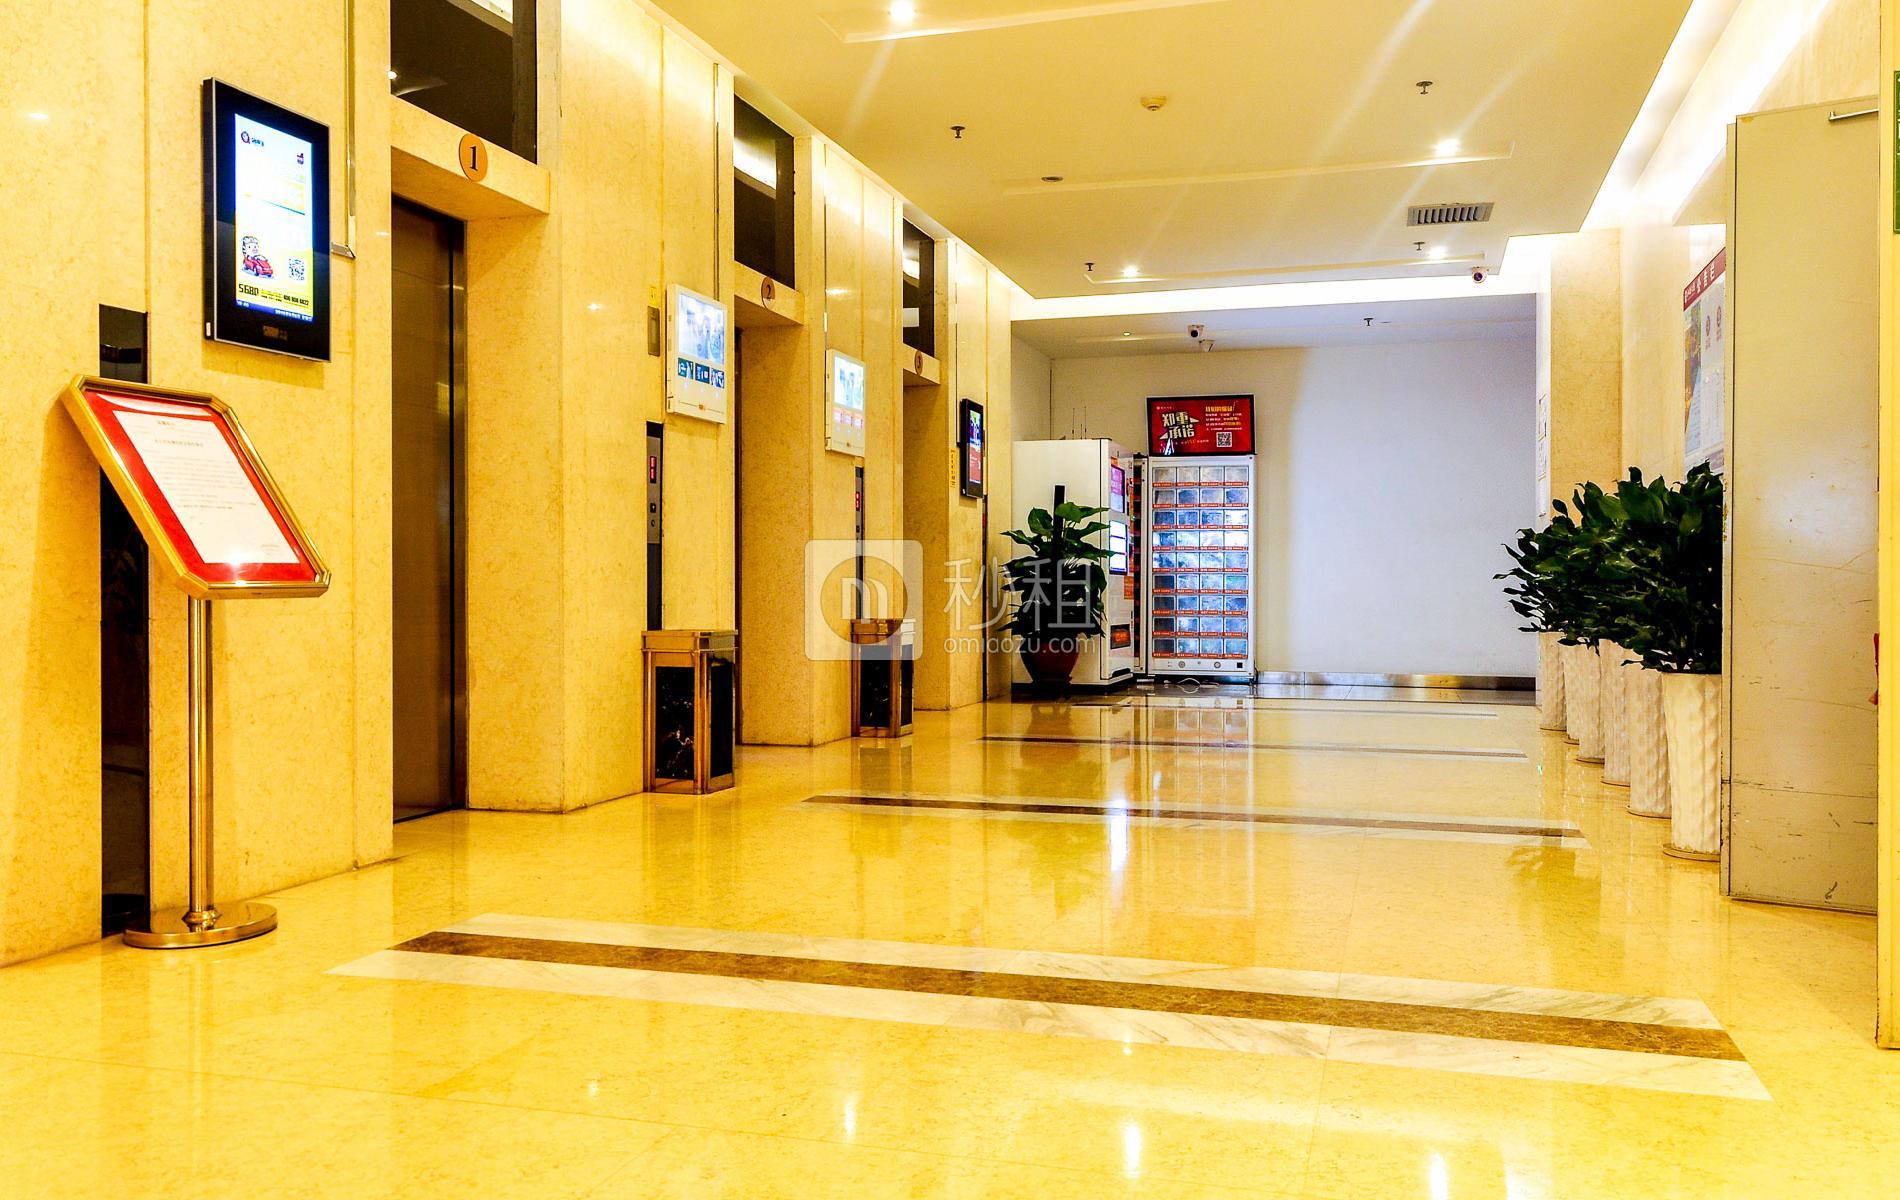 江韵大厦写字楼出租/招租/租赁,江韵大厦办公室出租/招租/租赁